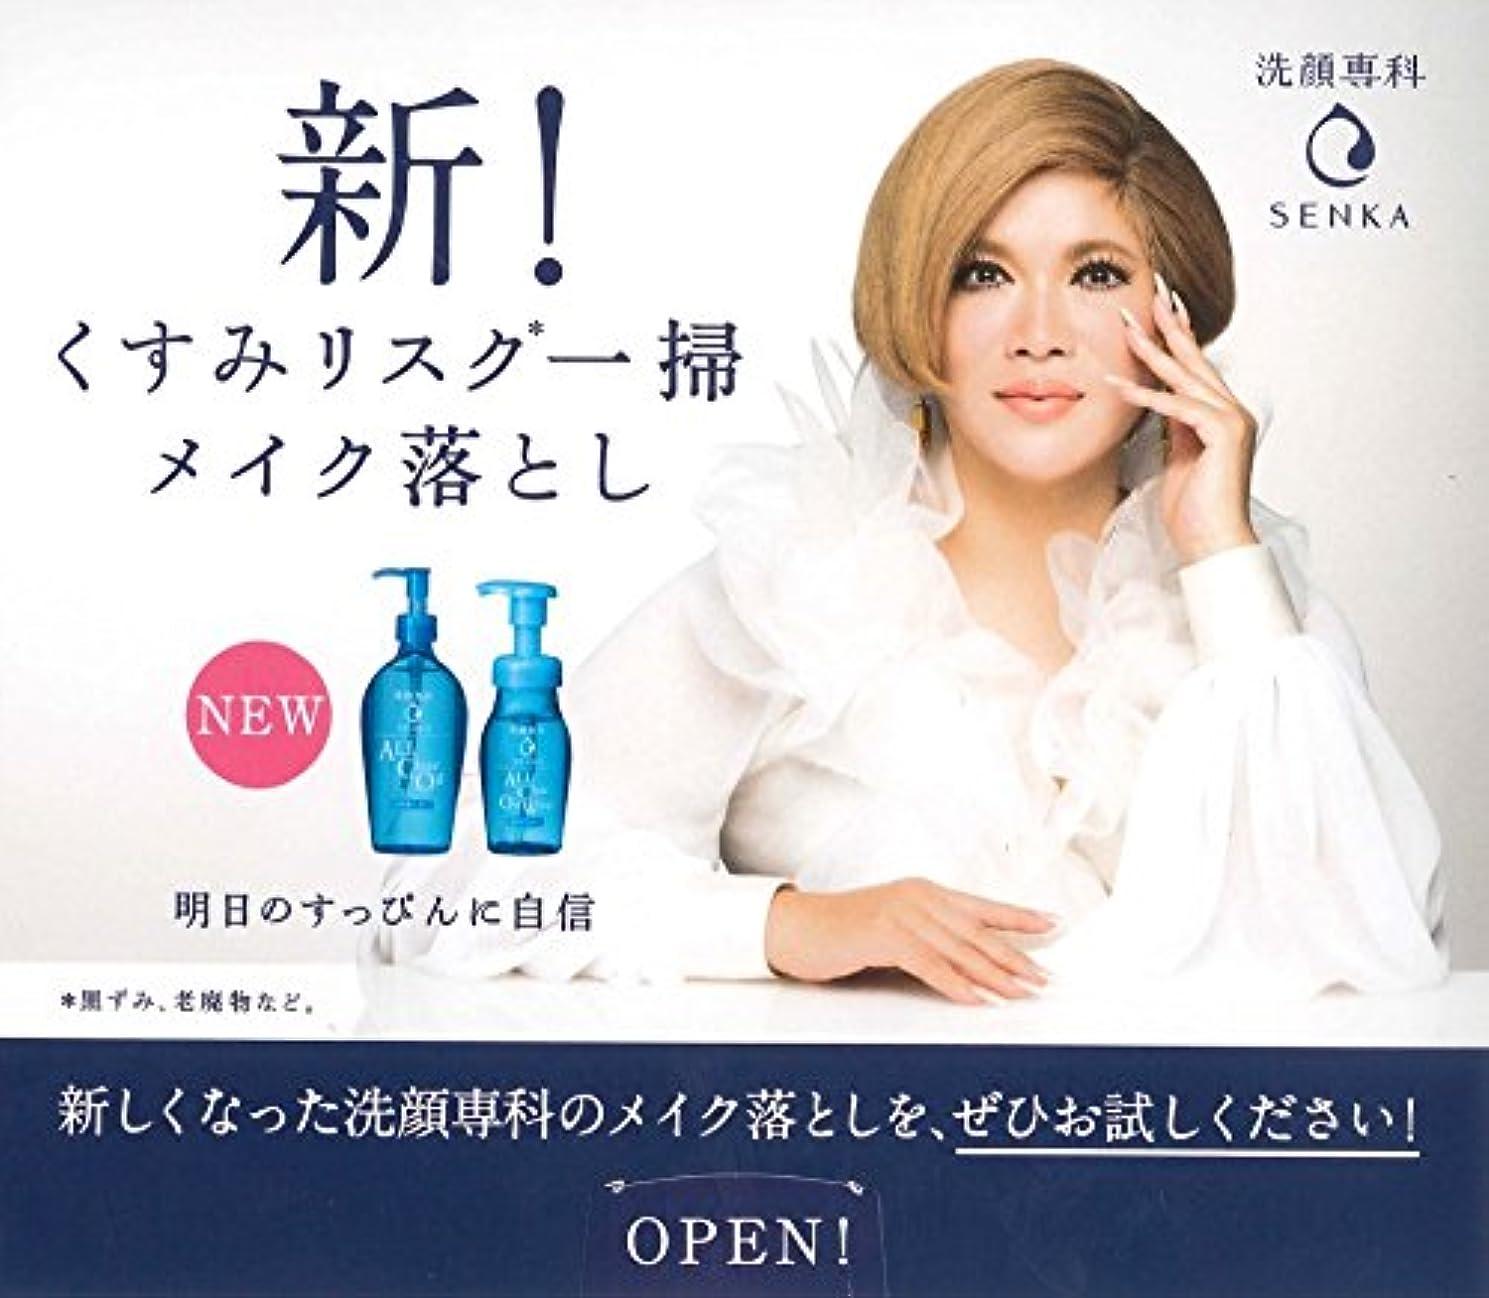 ギャロップしなやかな慎重に洗顔専科 オールクリアオイルサンプル 2.5ml×2  【実質無料サンプルストア対象】